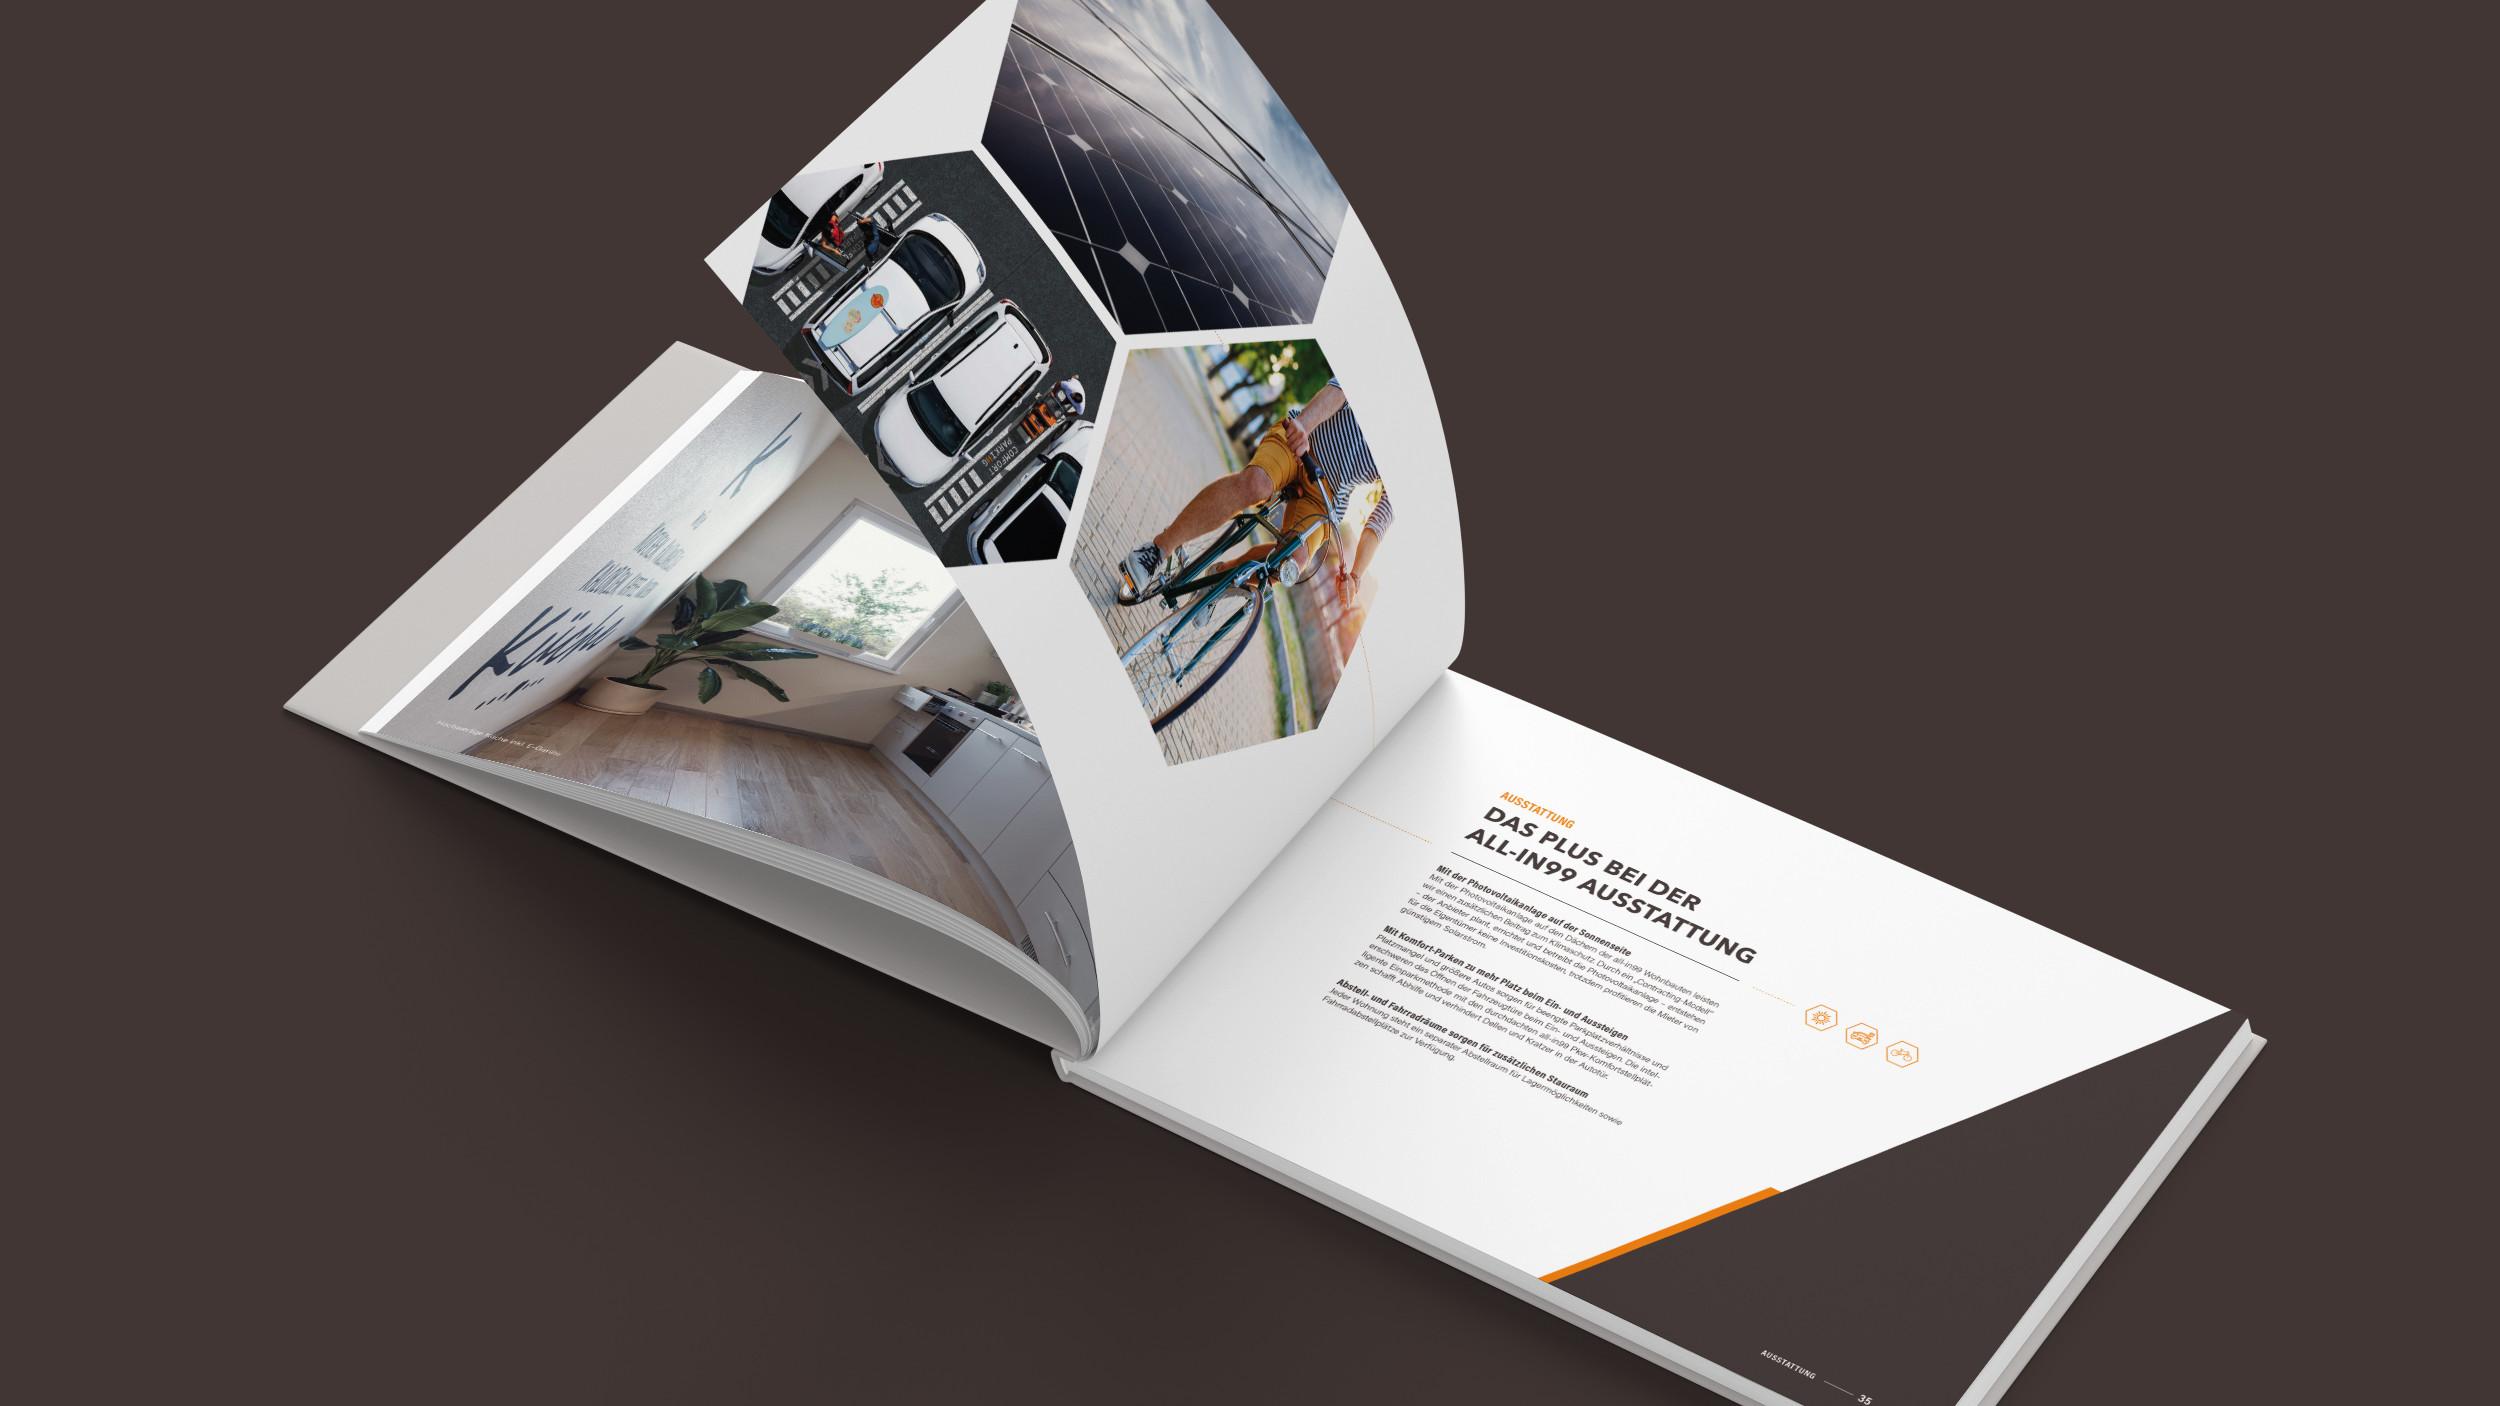 Aufgeschlagendes allin99 Buch mit Symobilbildern zum Parksystem und Photovoltaik